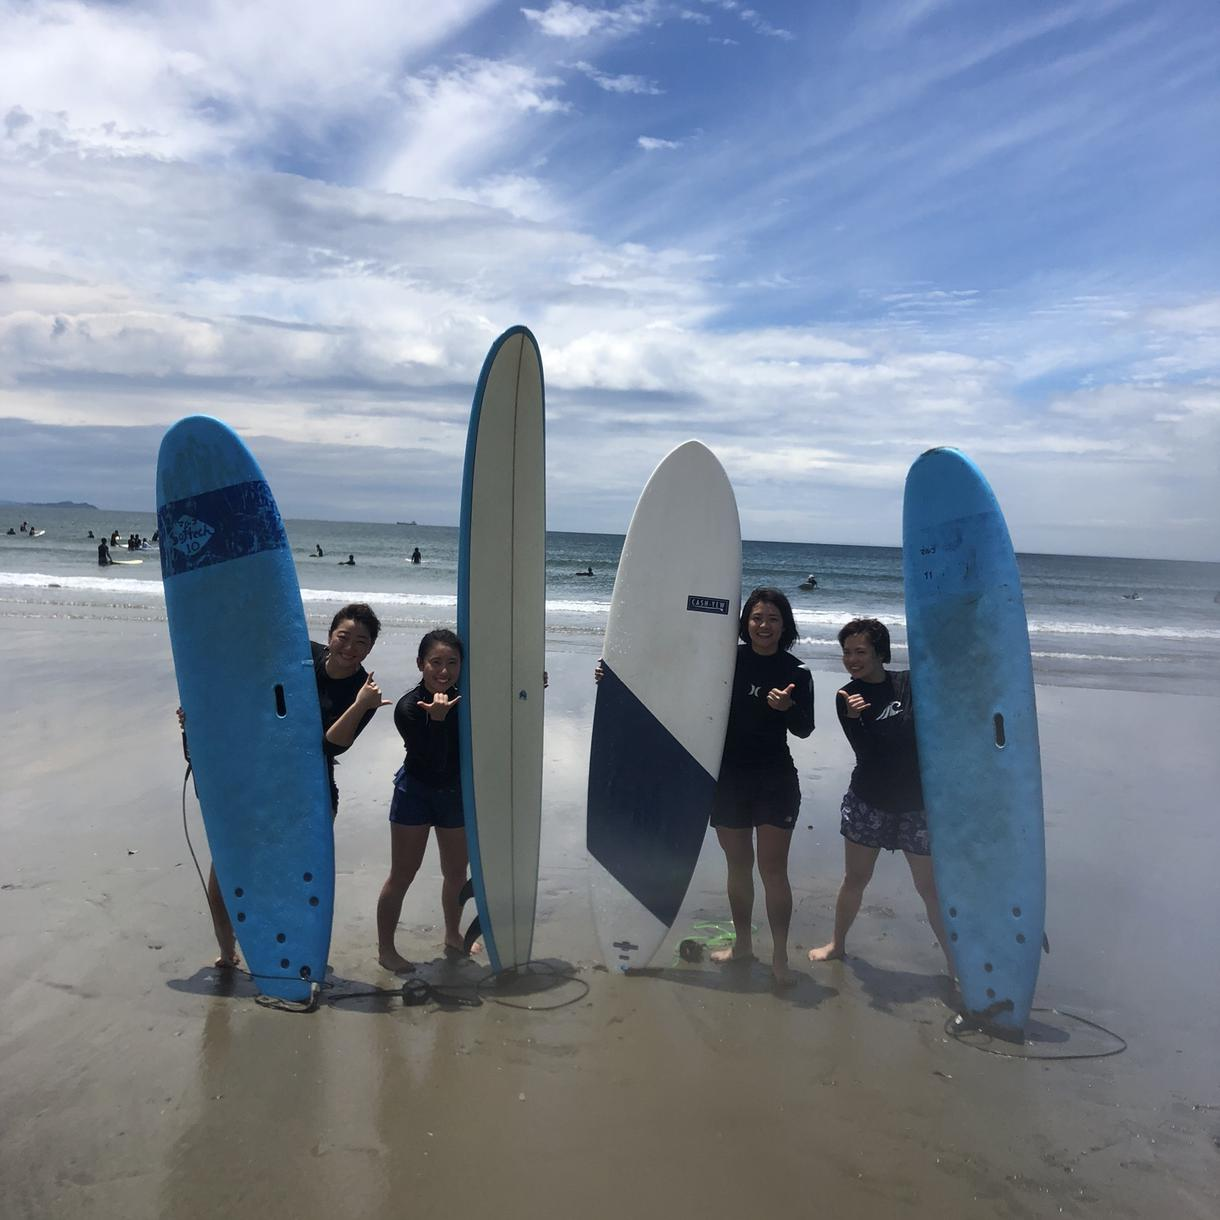 サーフィン教えます、初心者〜ビギナーまで教えます サーフィン教えます、他には無い教えで即乗り出来ます。